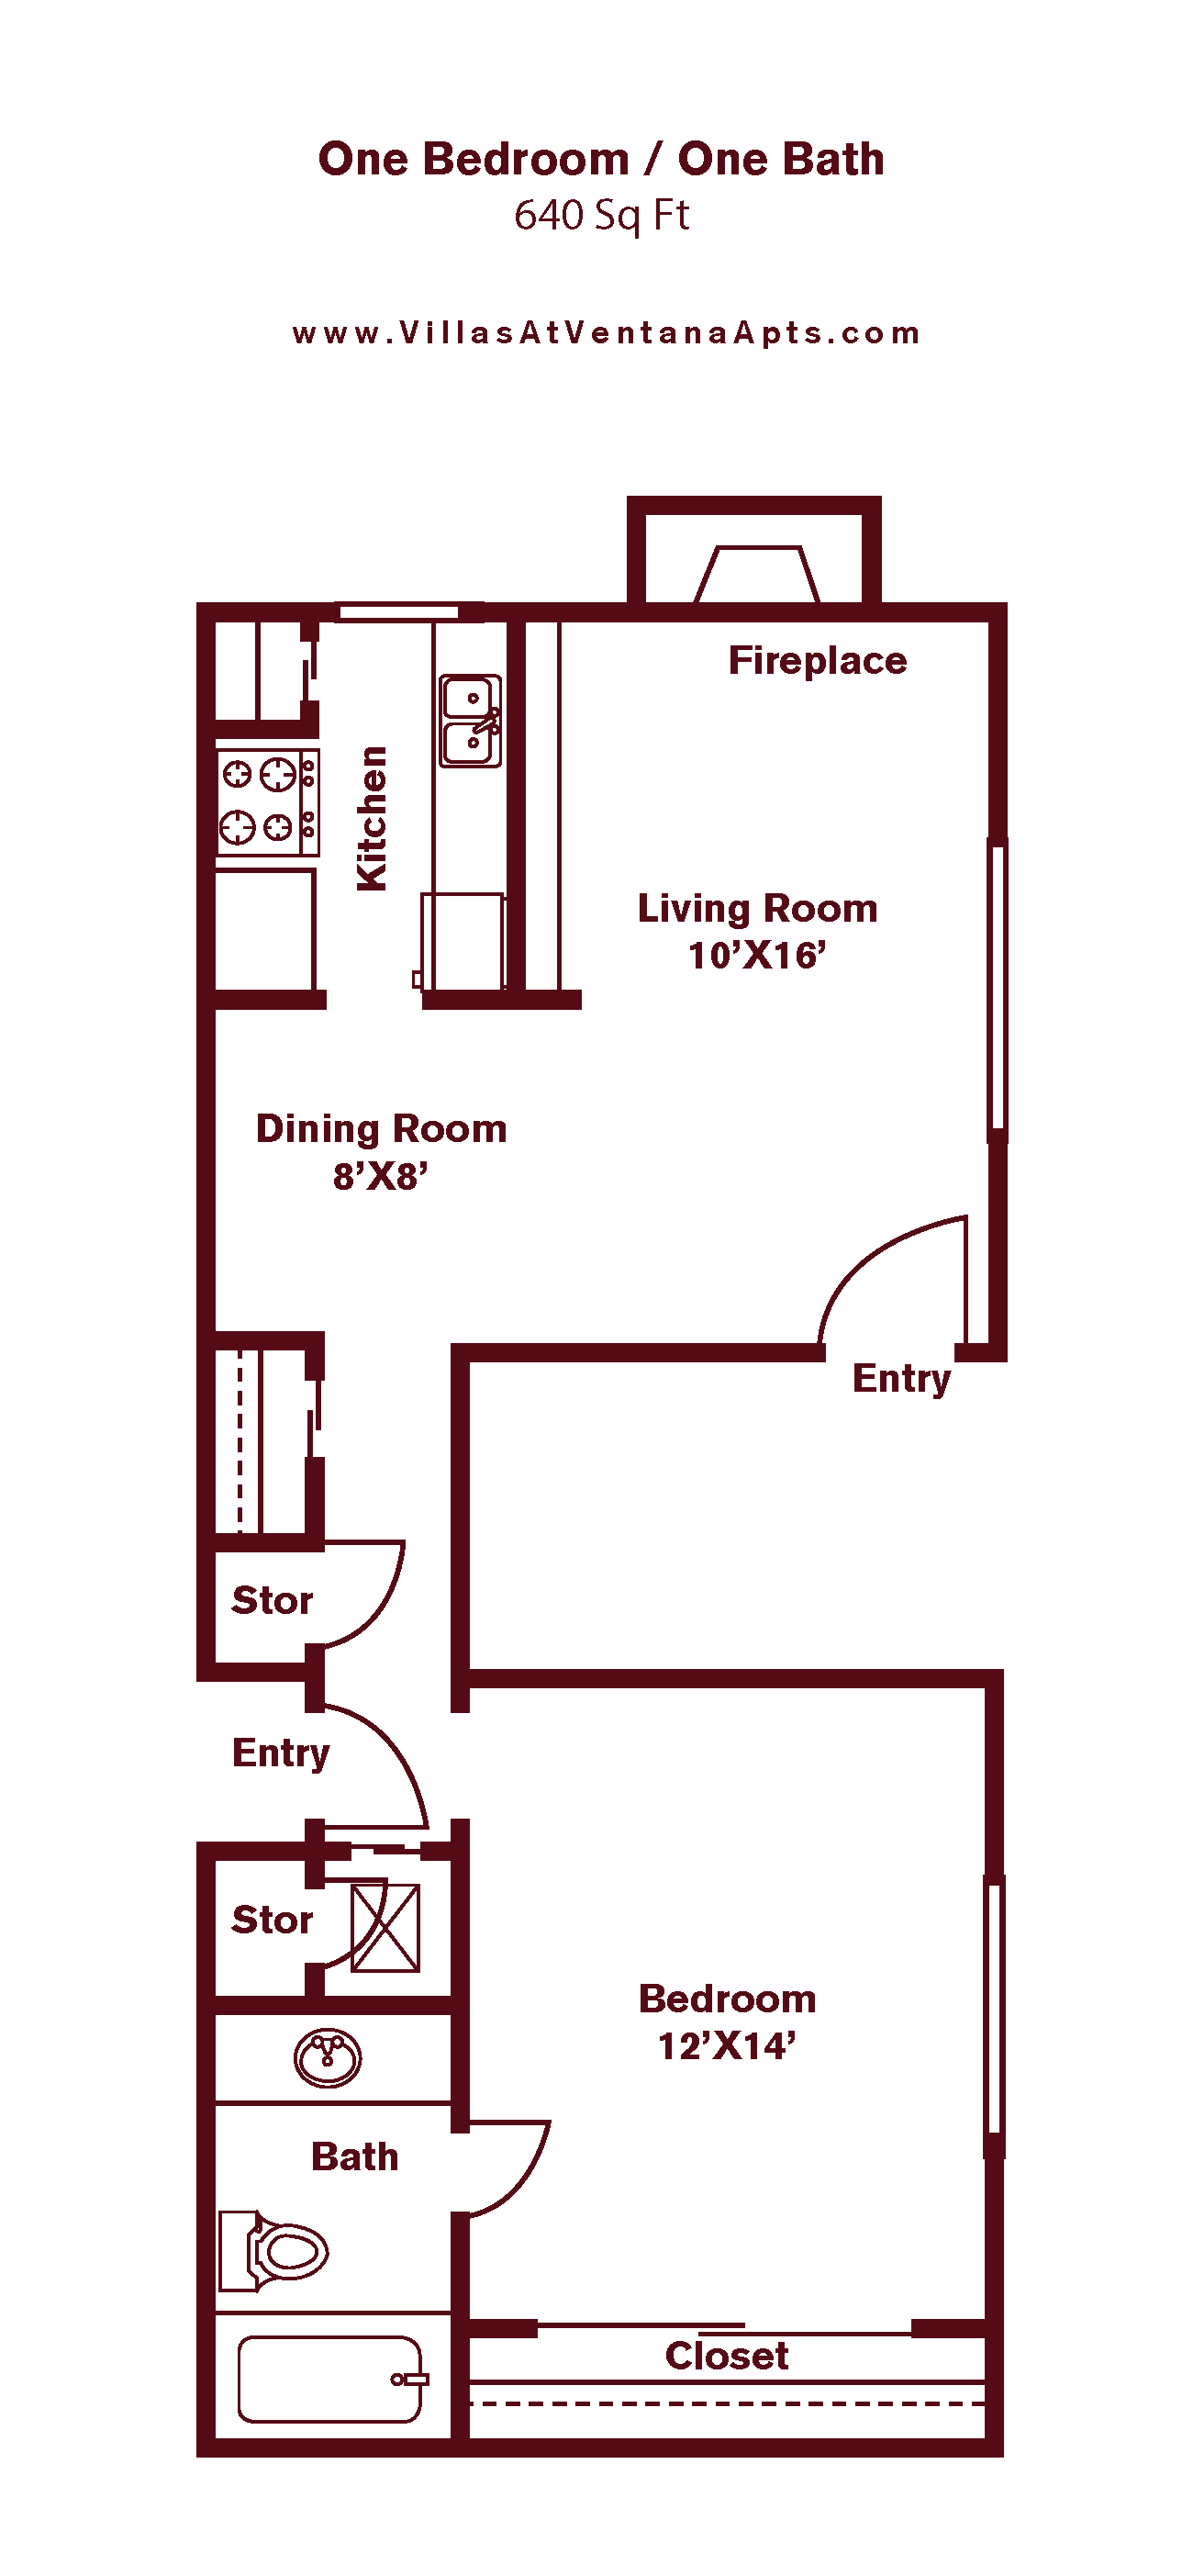 1 Bedroom A2 Floor Plan 2